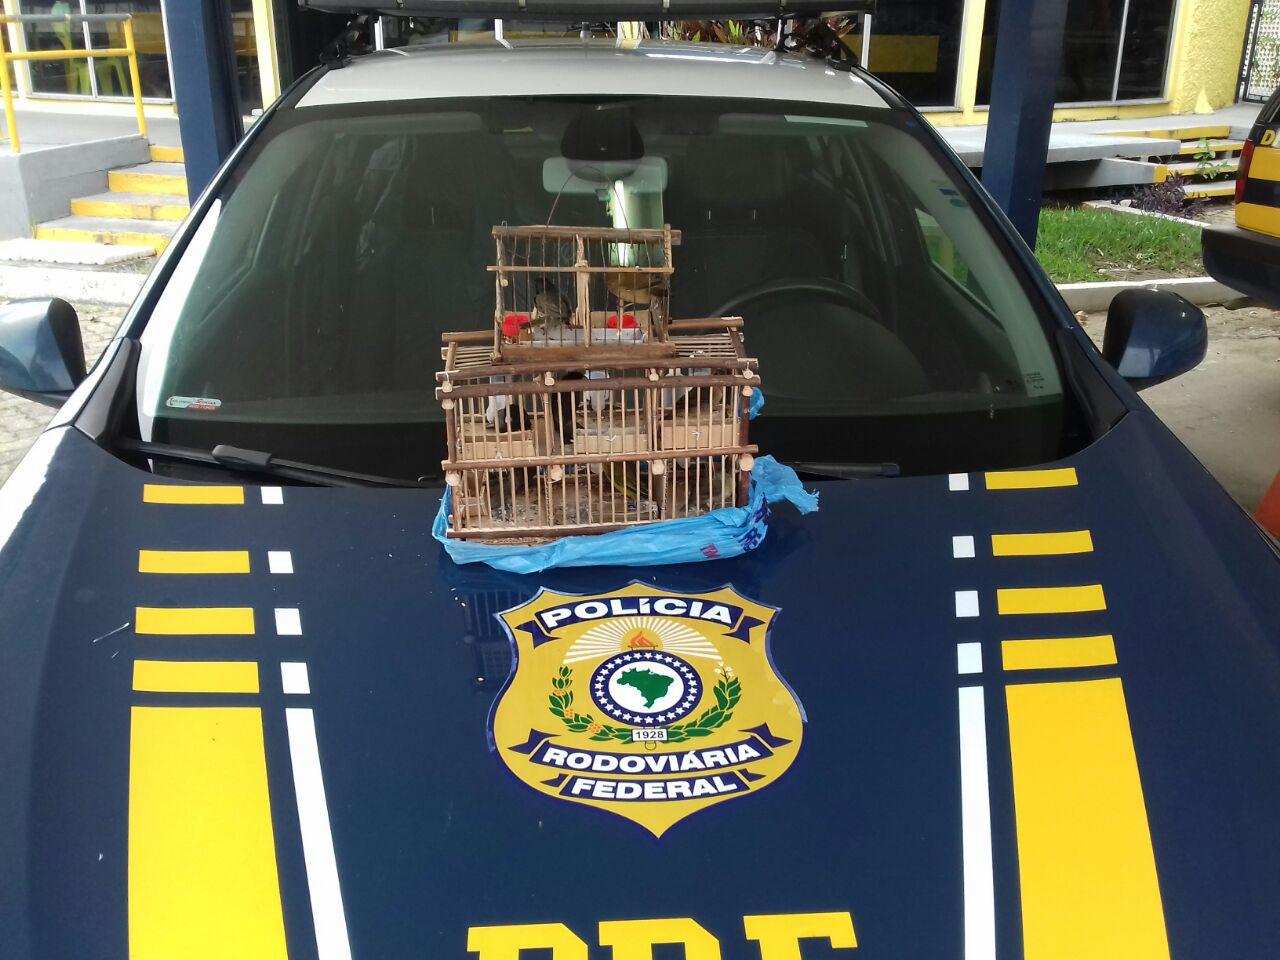 Apreensão de pássaros traficados em operação da Polícia Federal nesta segunda-feira (Divulgação / PRF Lavrinhas)